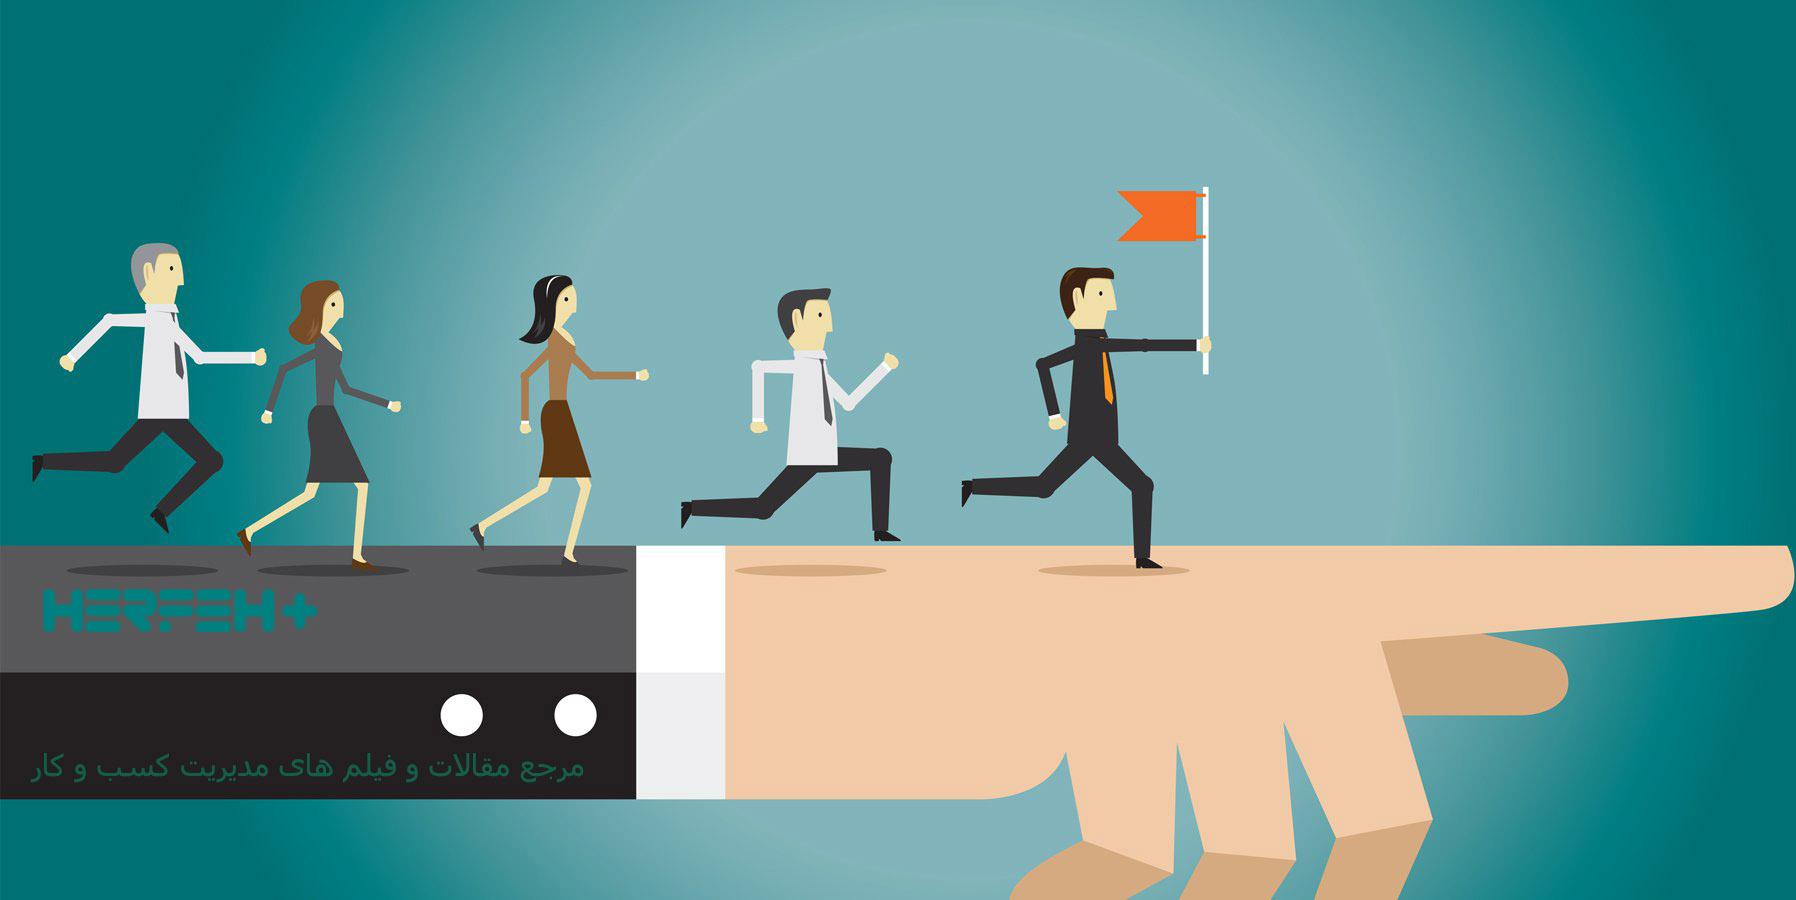 چگونه در سازمان خود رهبر شویم؟ درست